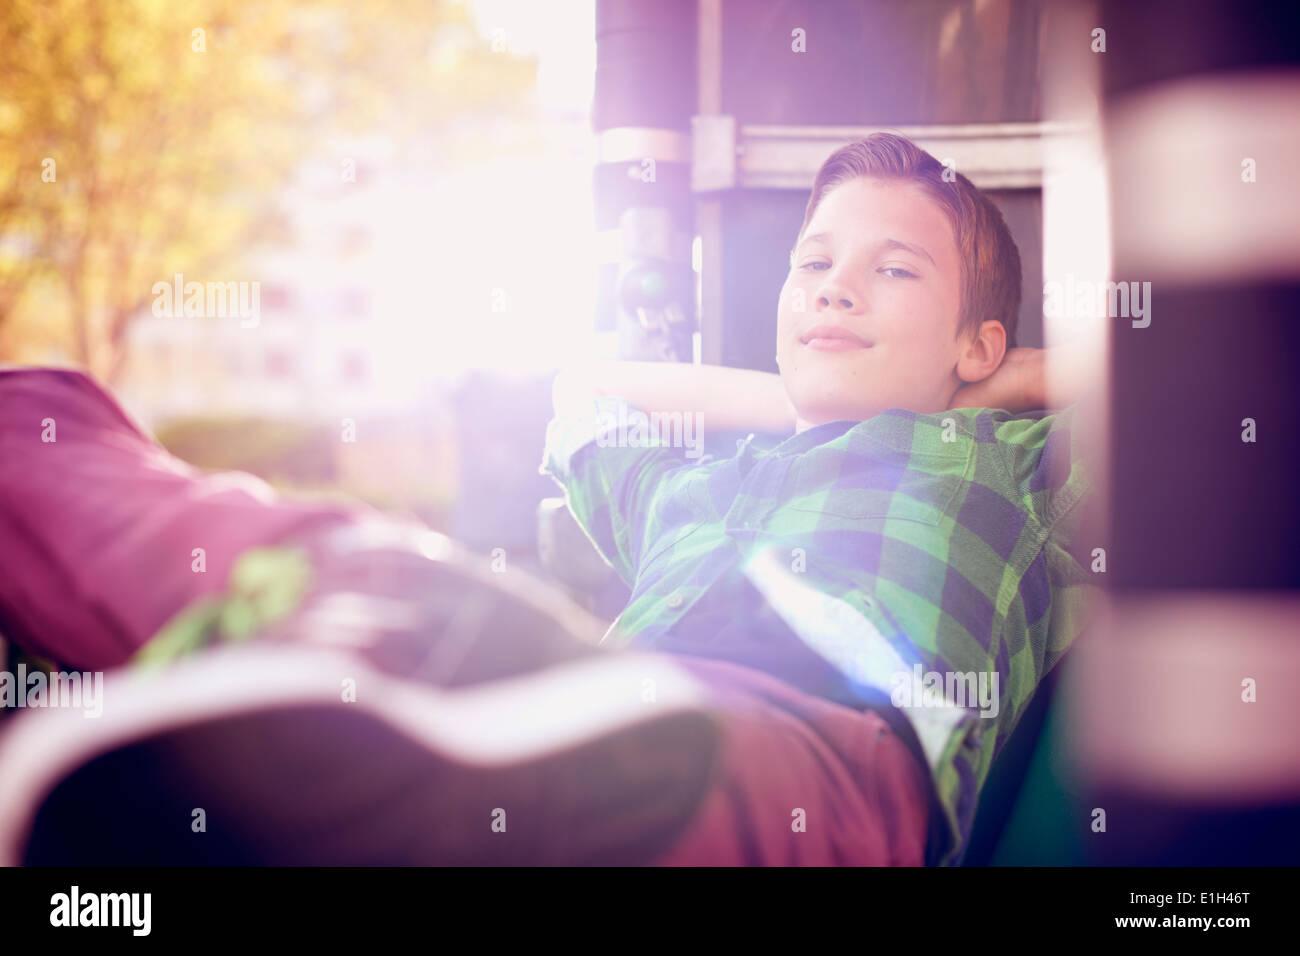 Ritratto di ragazzo di relax con le mani dietro la testa Immagini Stock